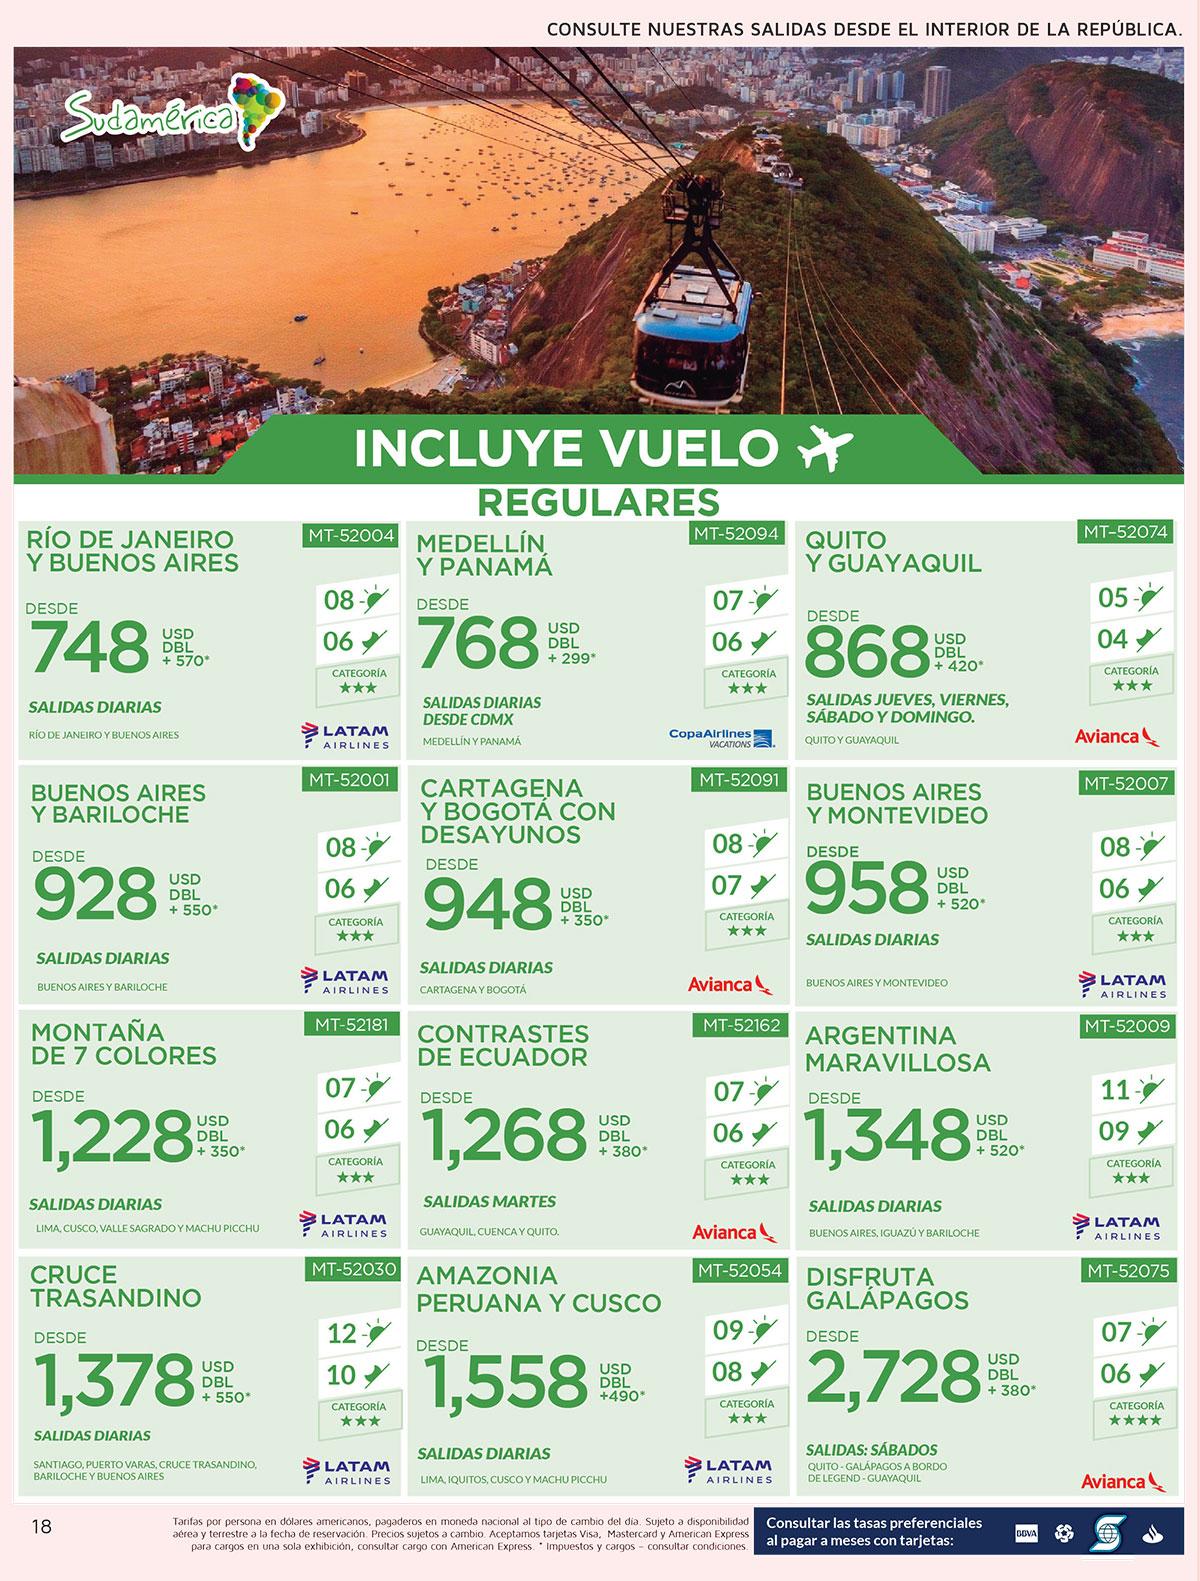 Paquetes a Sudamérica con Vuelos Incluidos